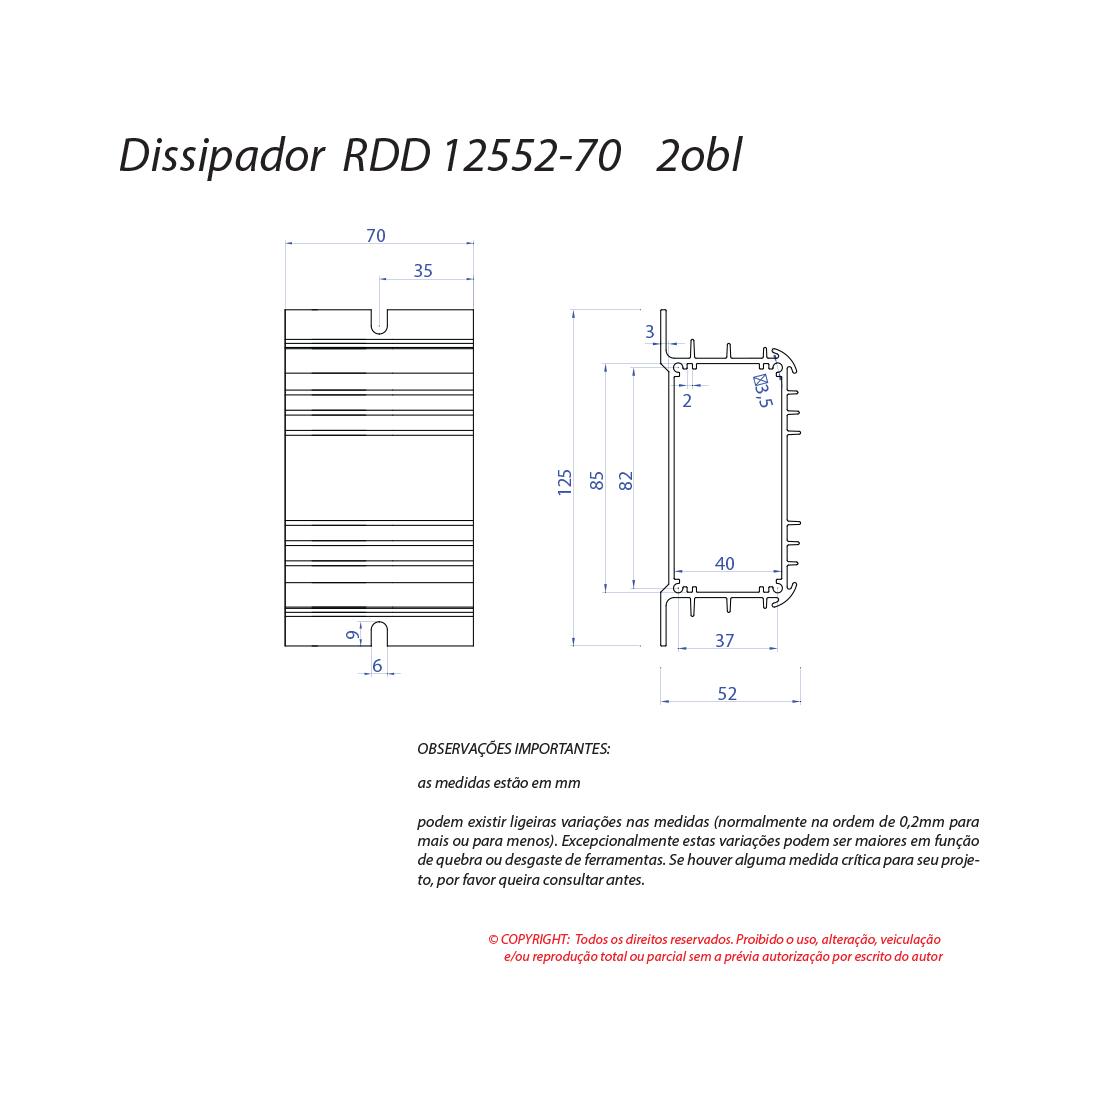 Dissipador de calor RDD 12552-70 2OBL